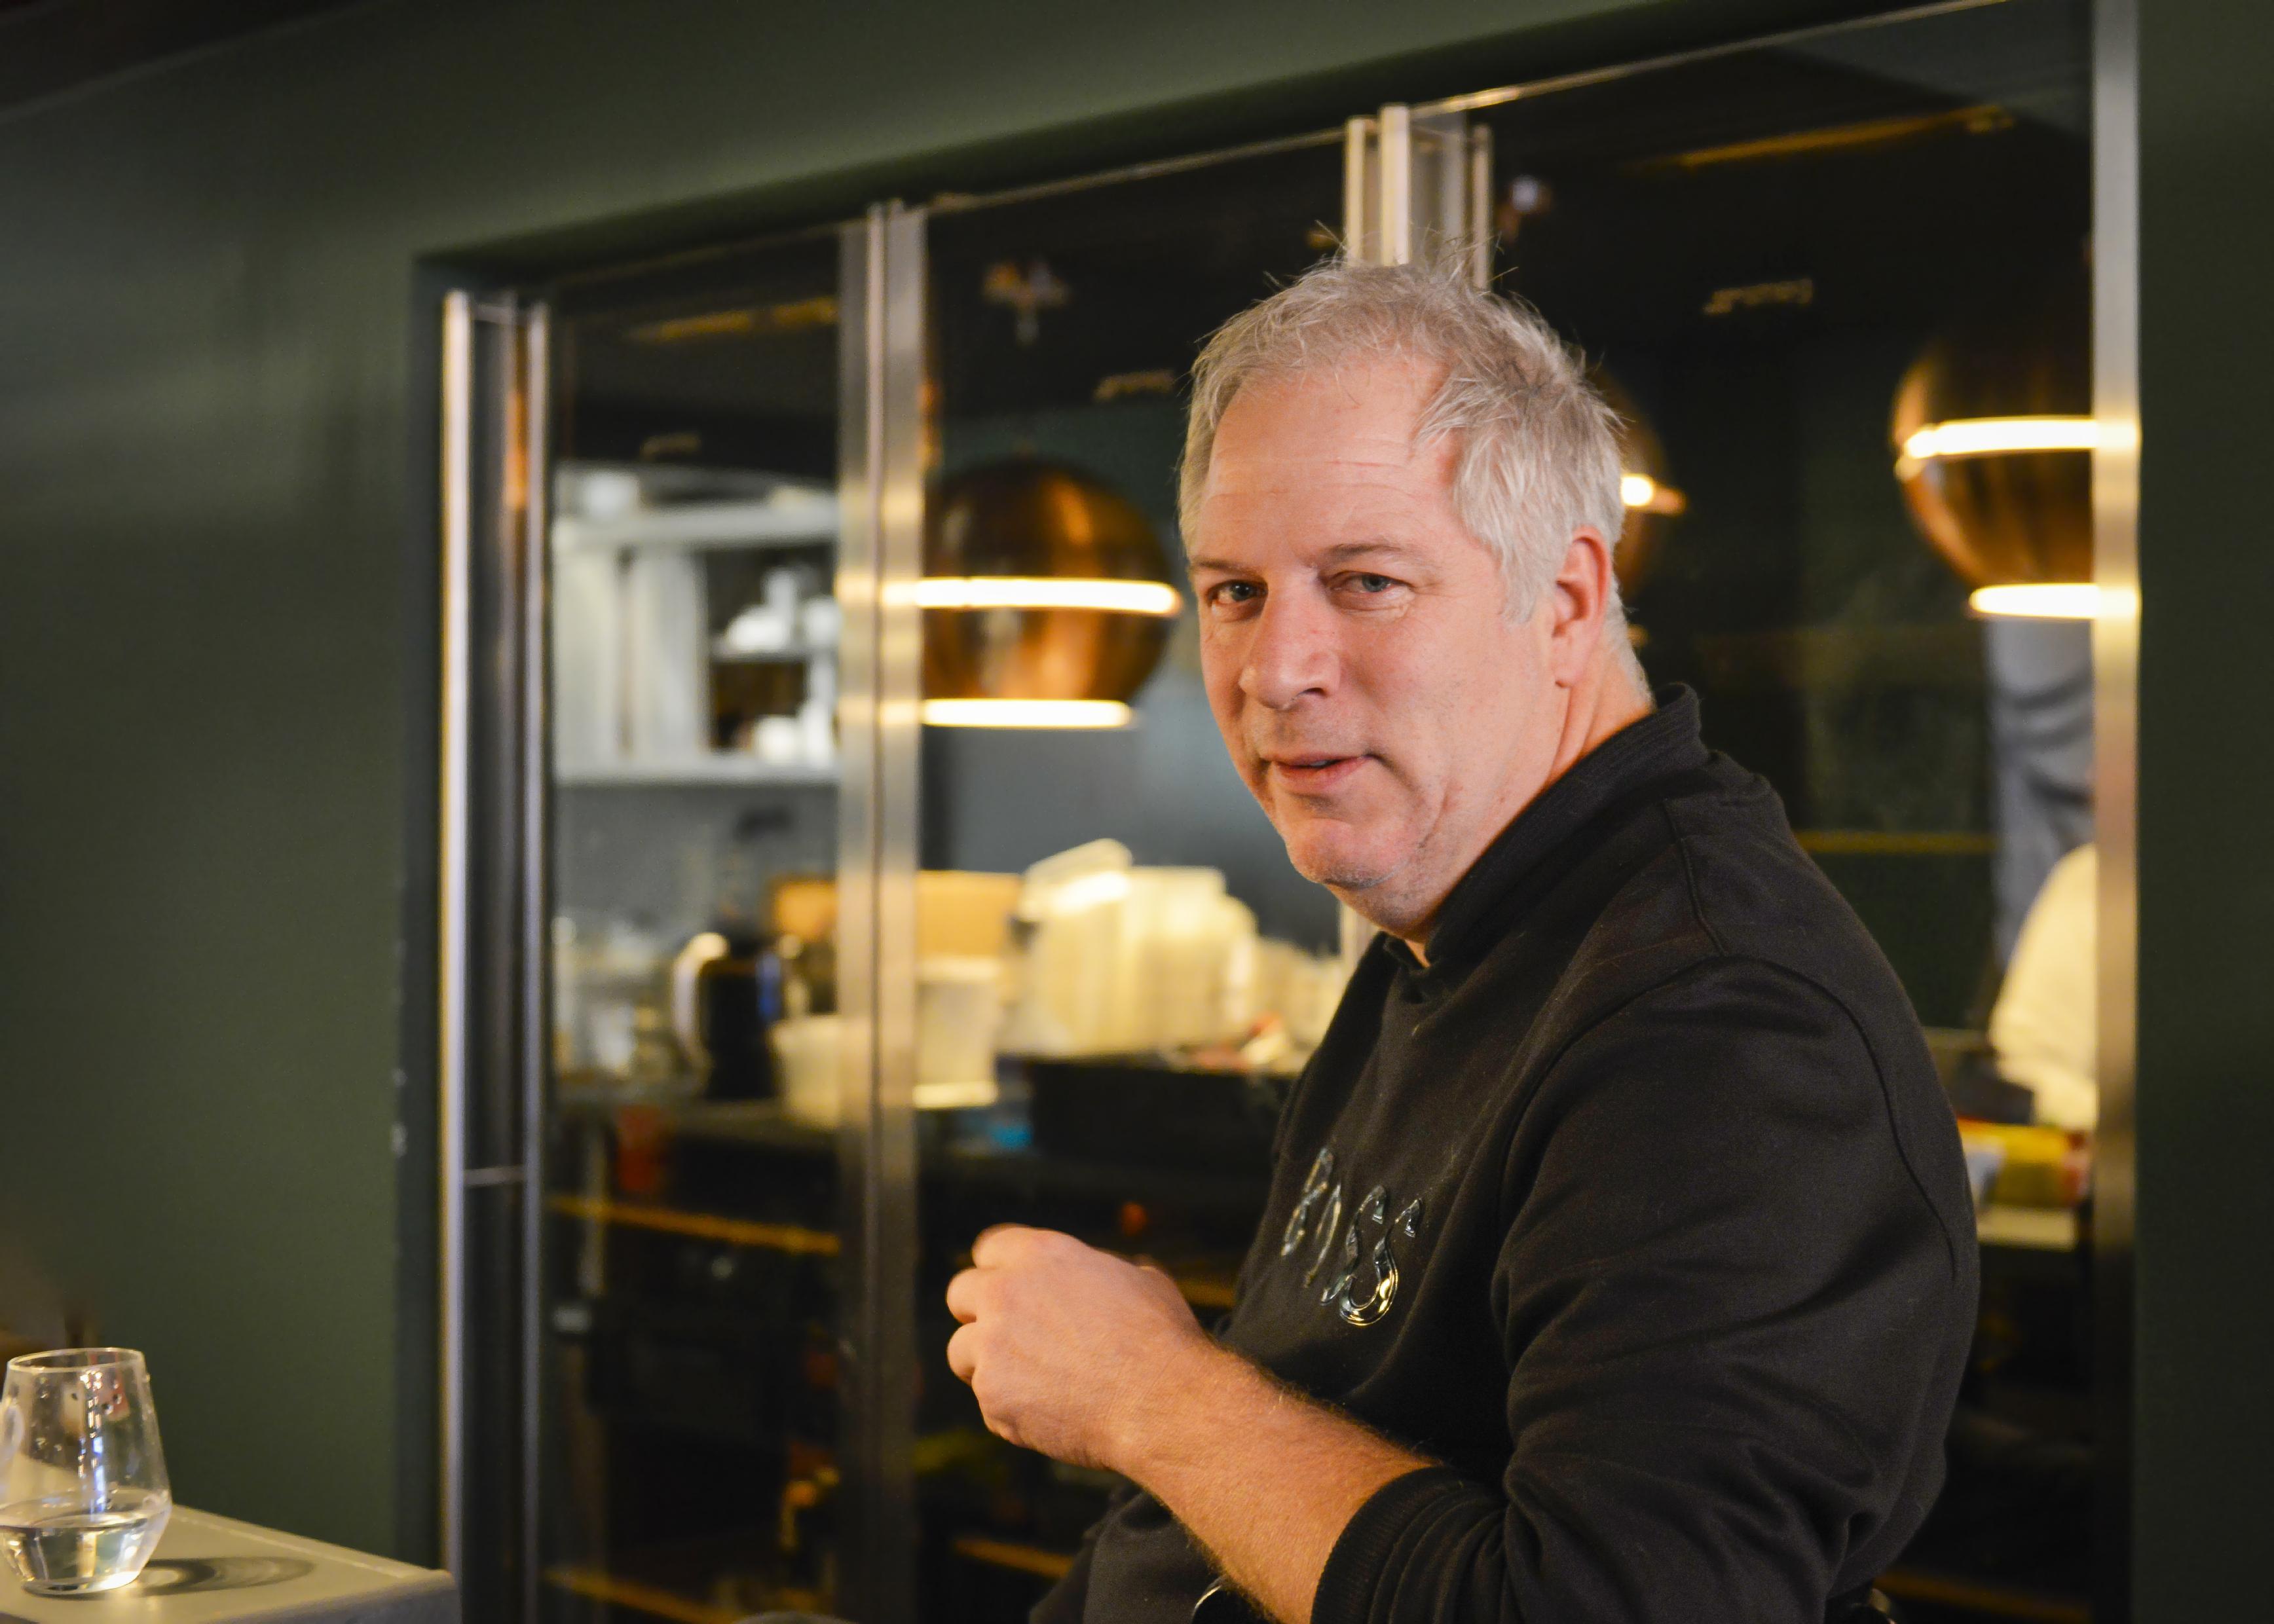 Kok Eric Pekel gaat op Texel de strijd aan met de coronakilo's. In 17 dagen met lekkere culinaire menu's minstens vijf kilo afvallen